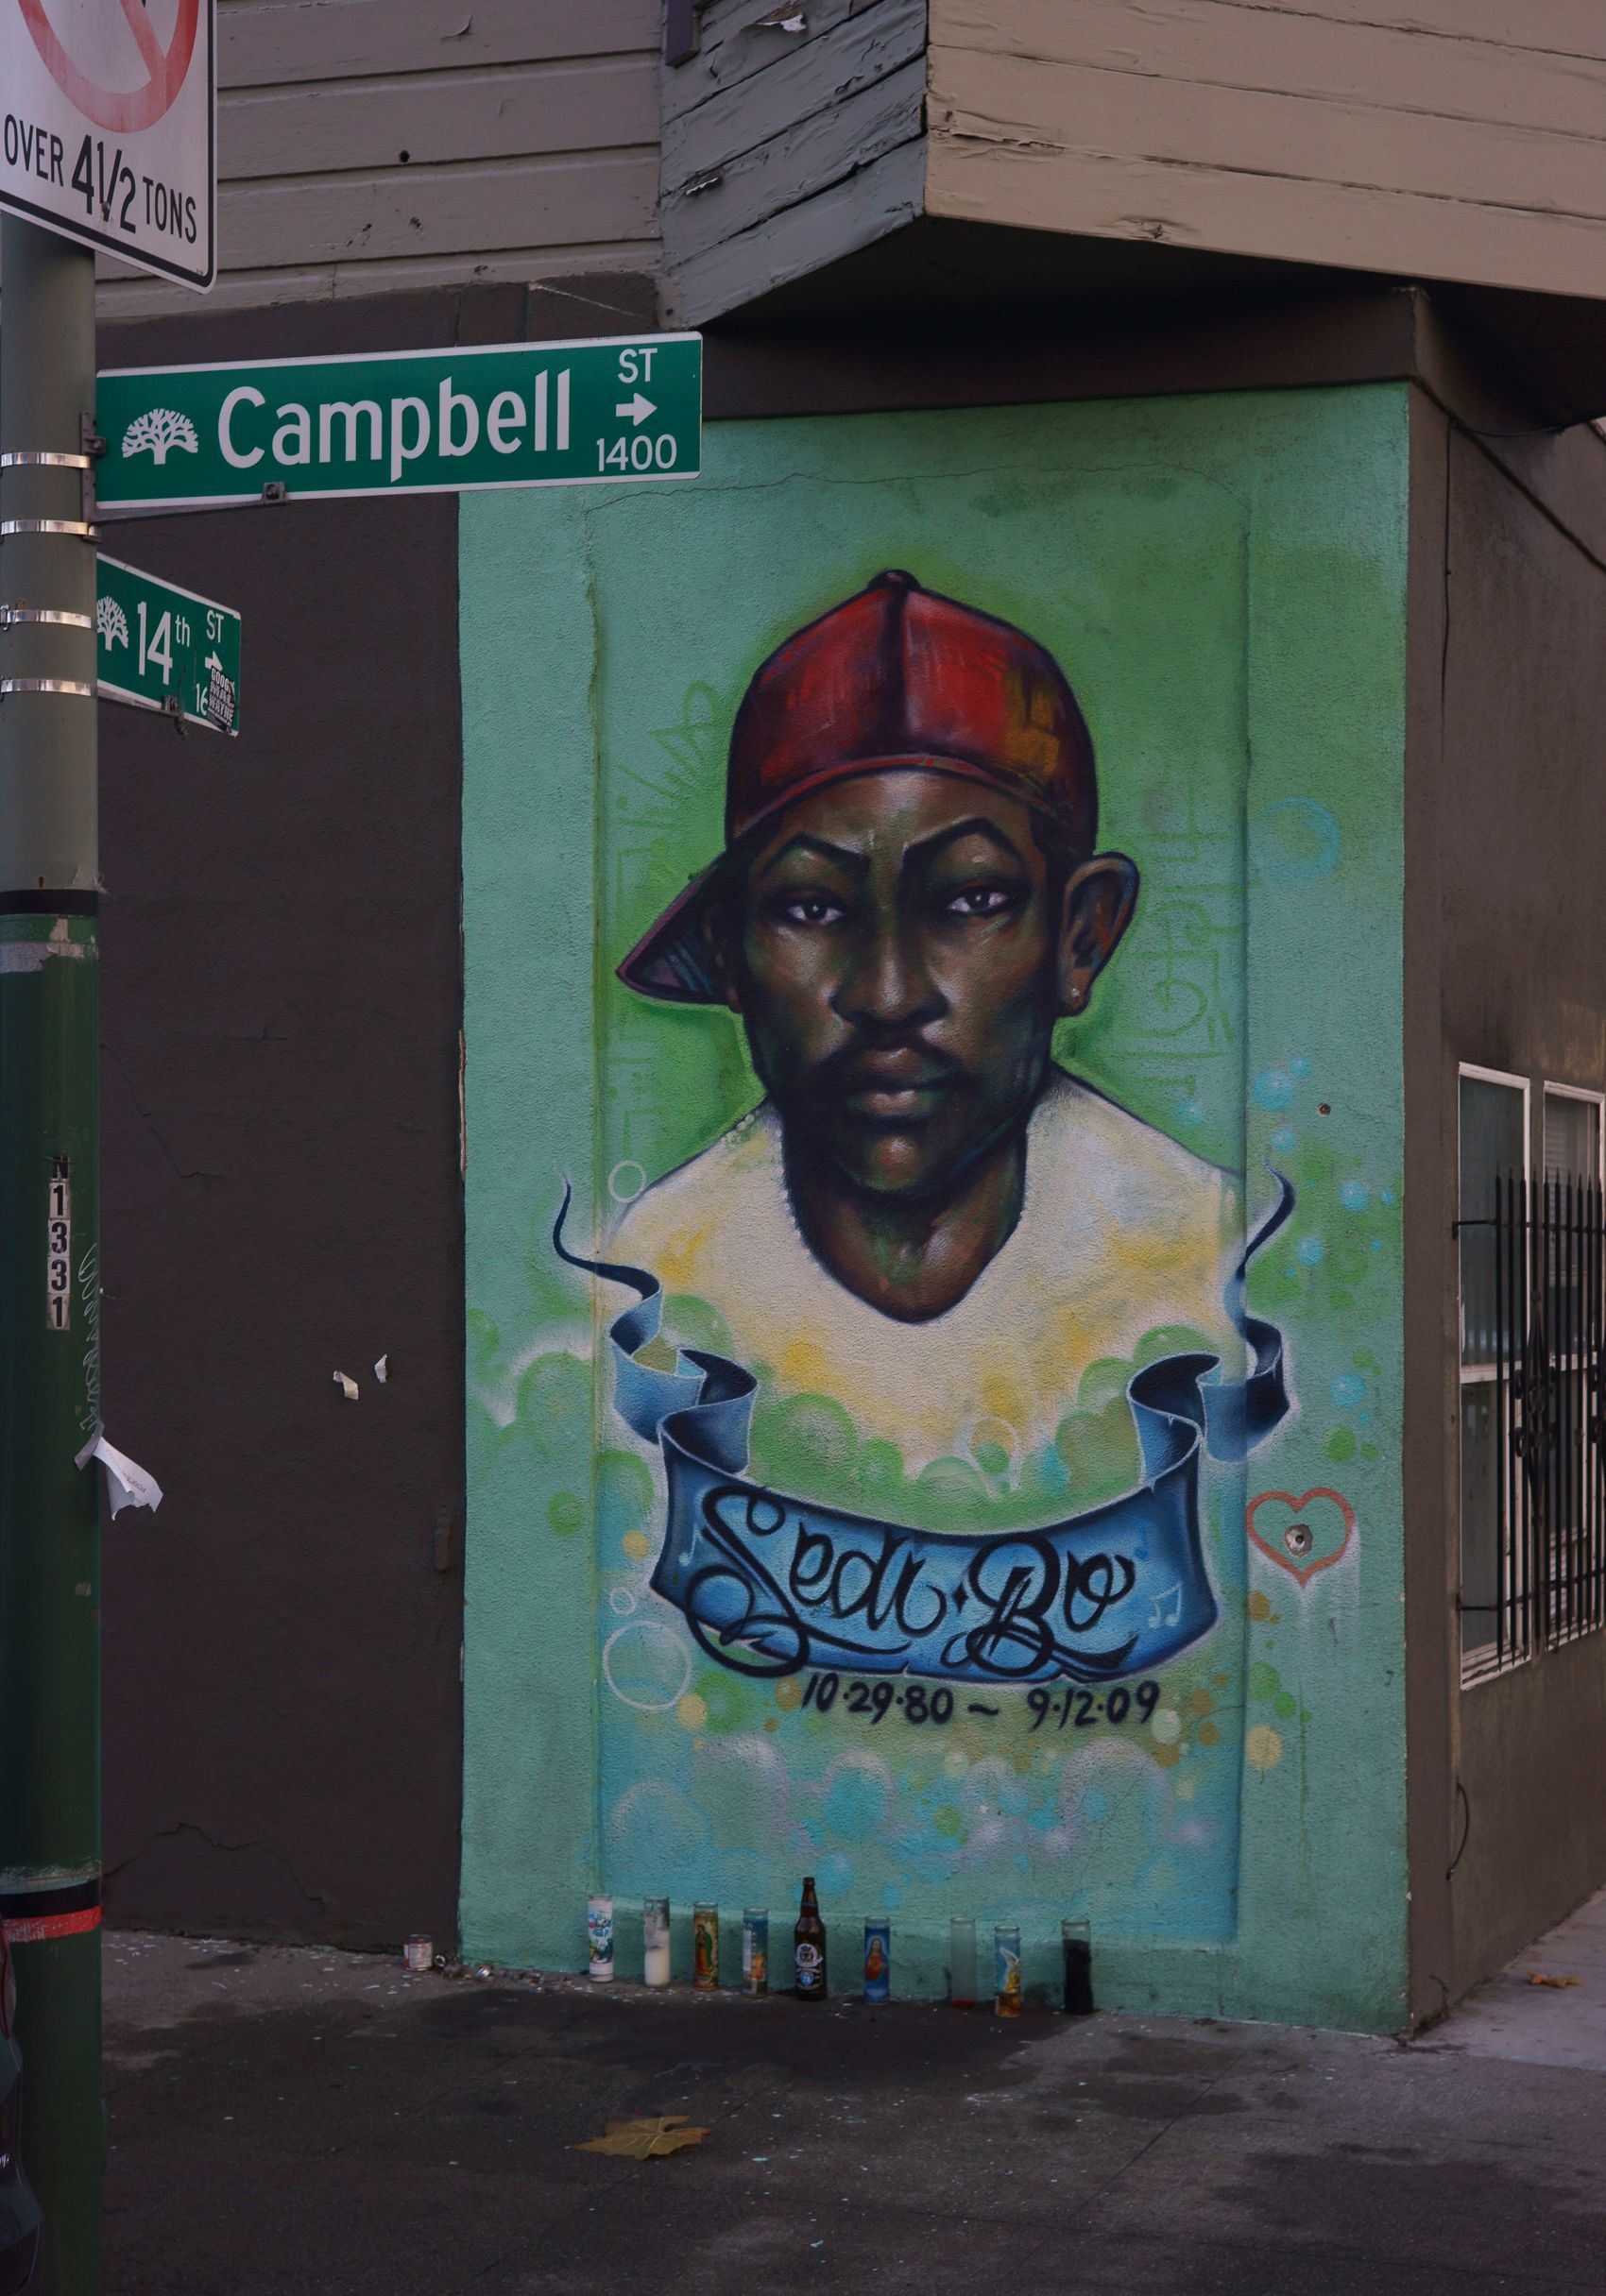 Sedi Bo Memorial, Oakland